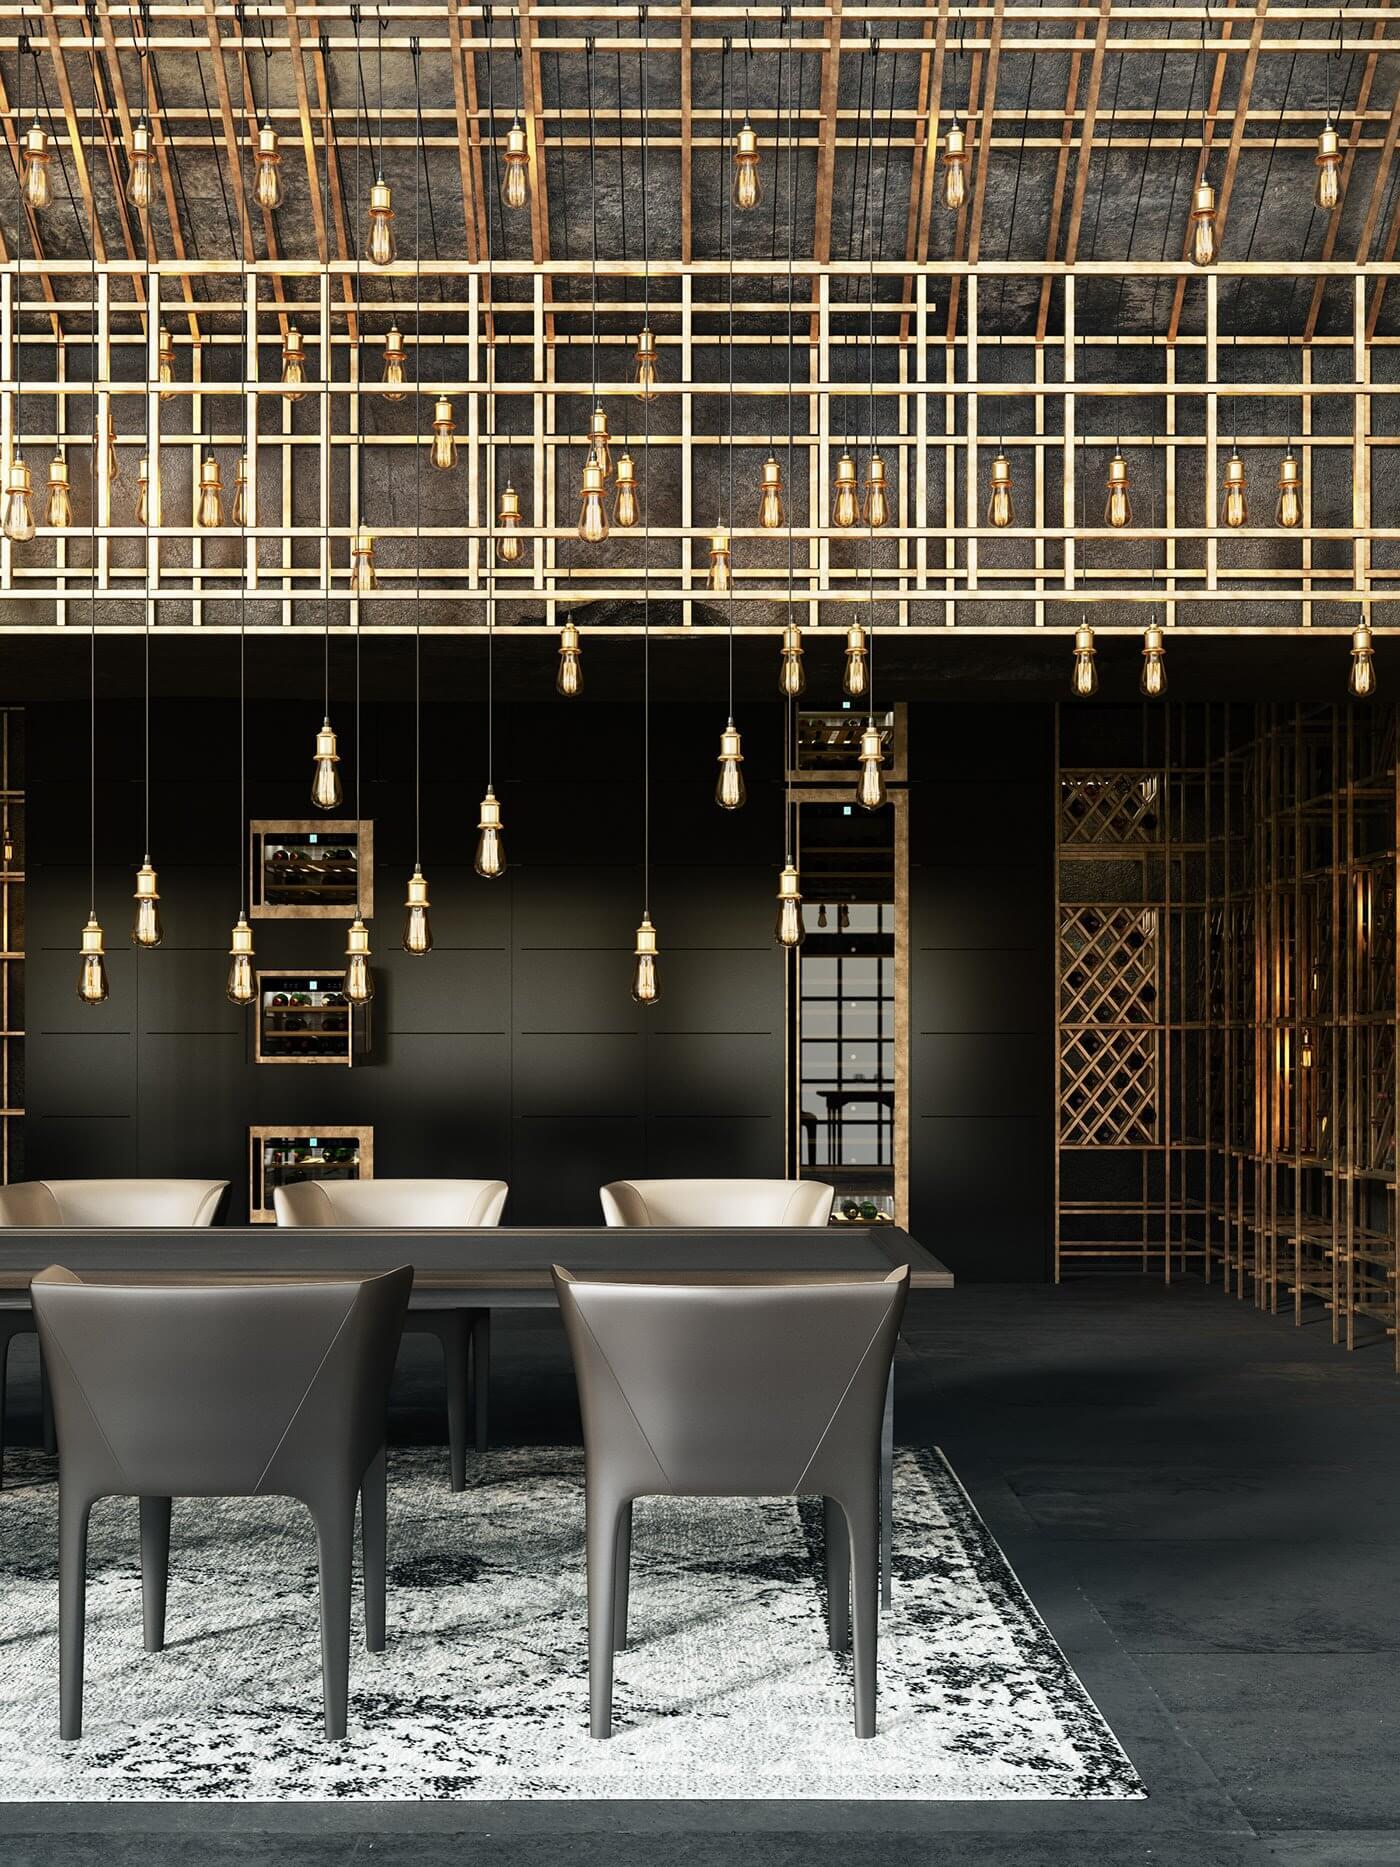 Restaurant Aut vincere aut mori dining table lamps - cgi visualization